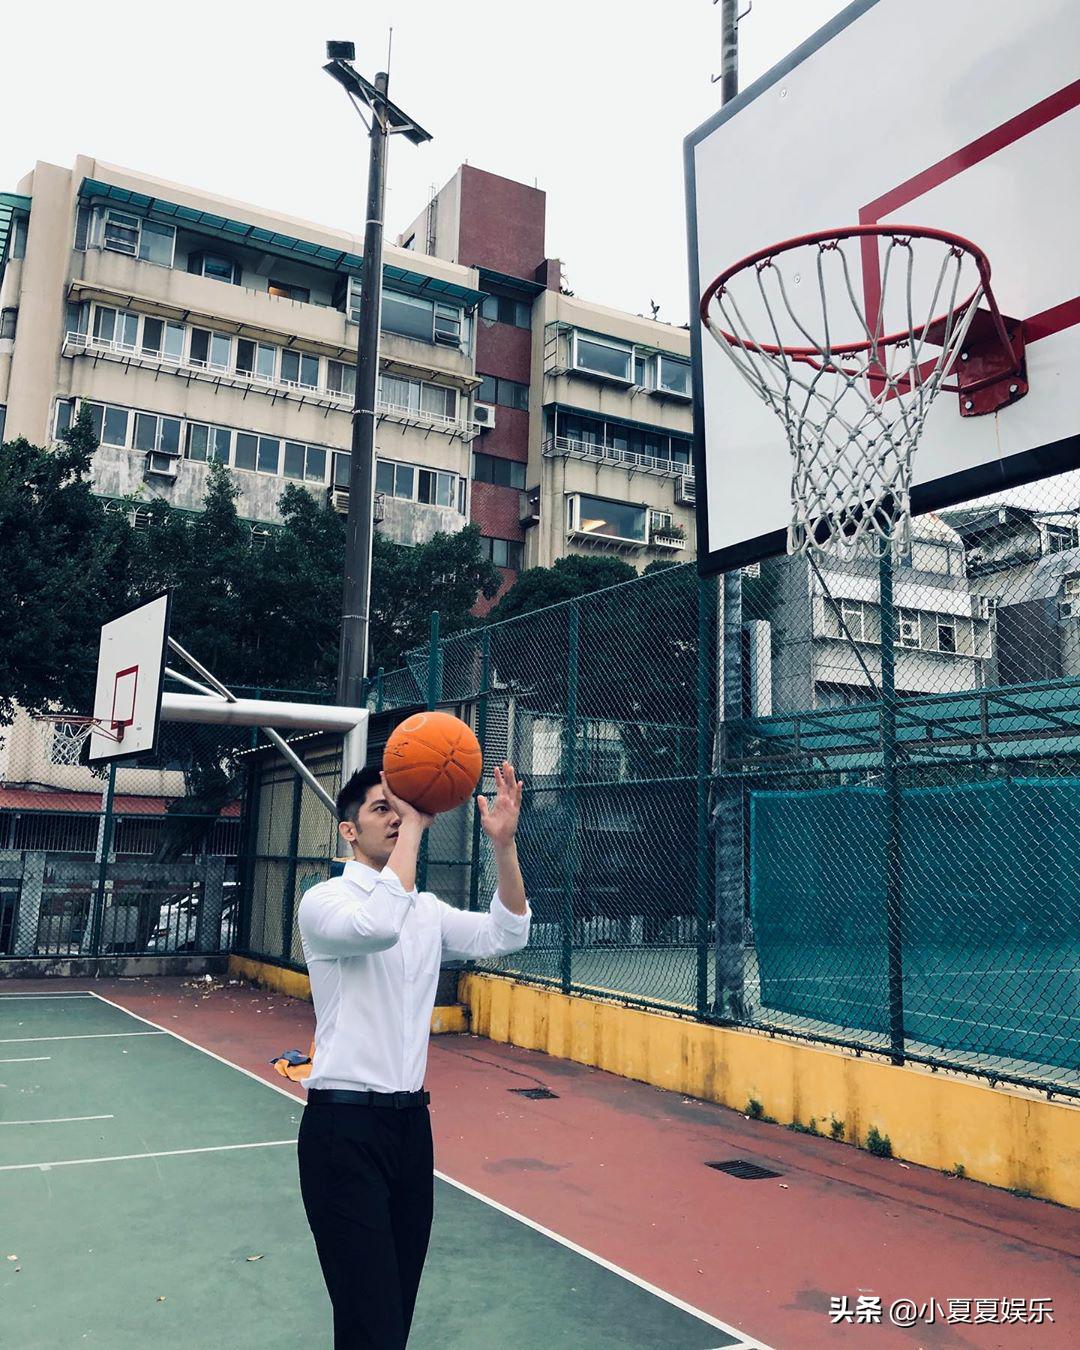 篮球场偶遇西装小哥哥,身手抢眼,有别样风味